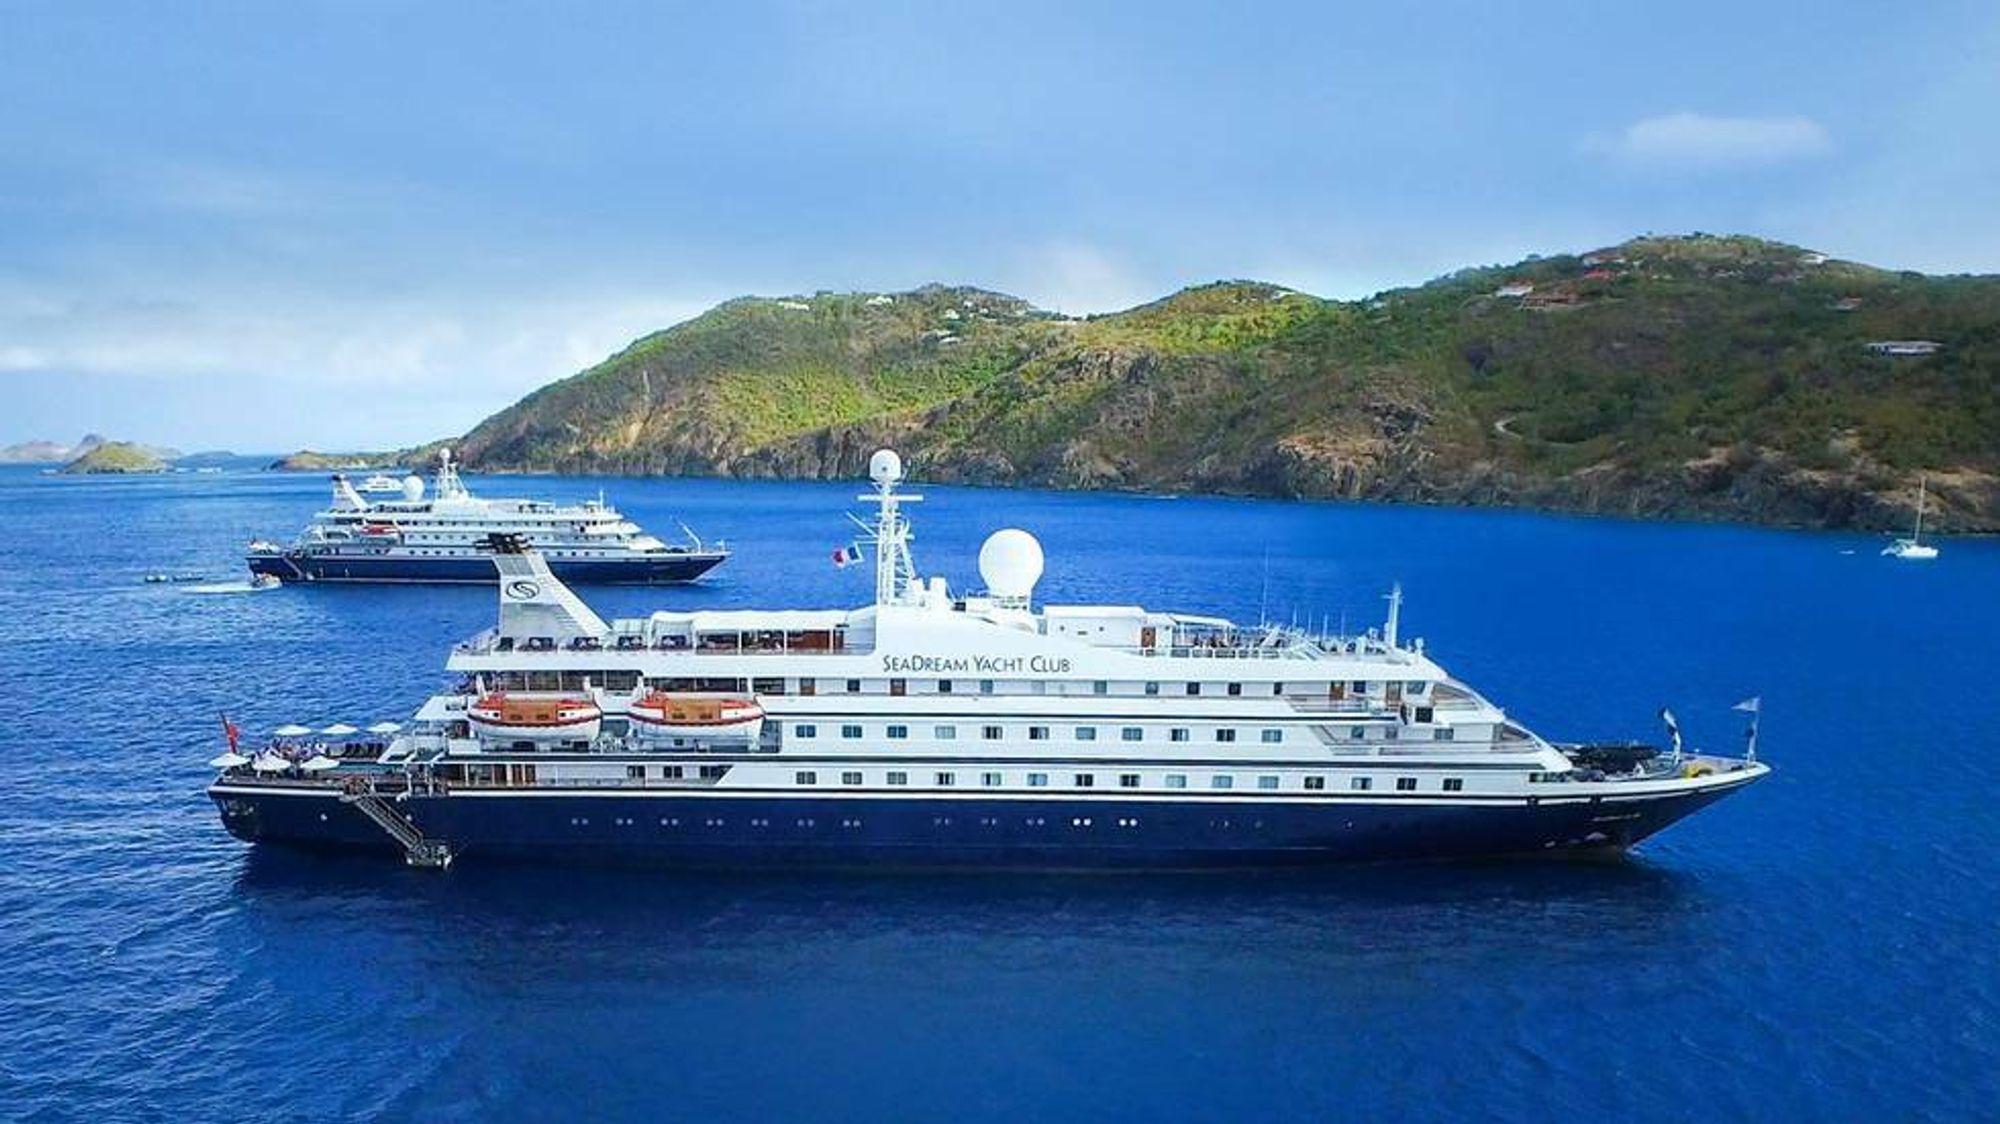 Atle Brynestads rederi Seadream Yacht Club vil bruke de to 35 og 36 år gamle Seadream I og Seadream II til norske fjordcruise. Nektes å seile inn i Verdensarvhfjordene.